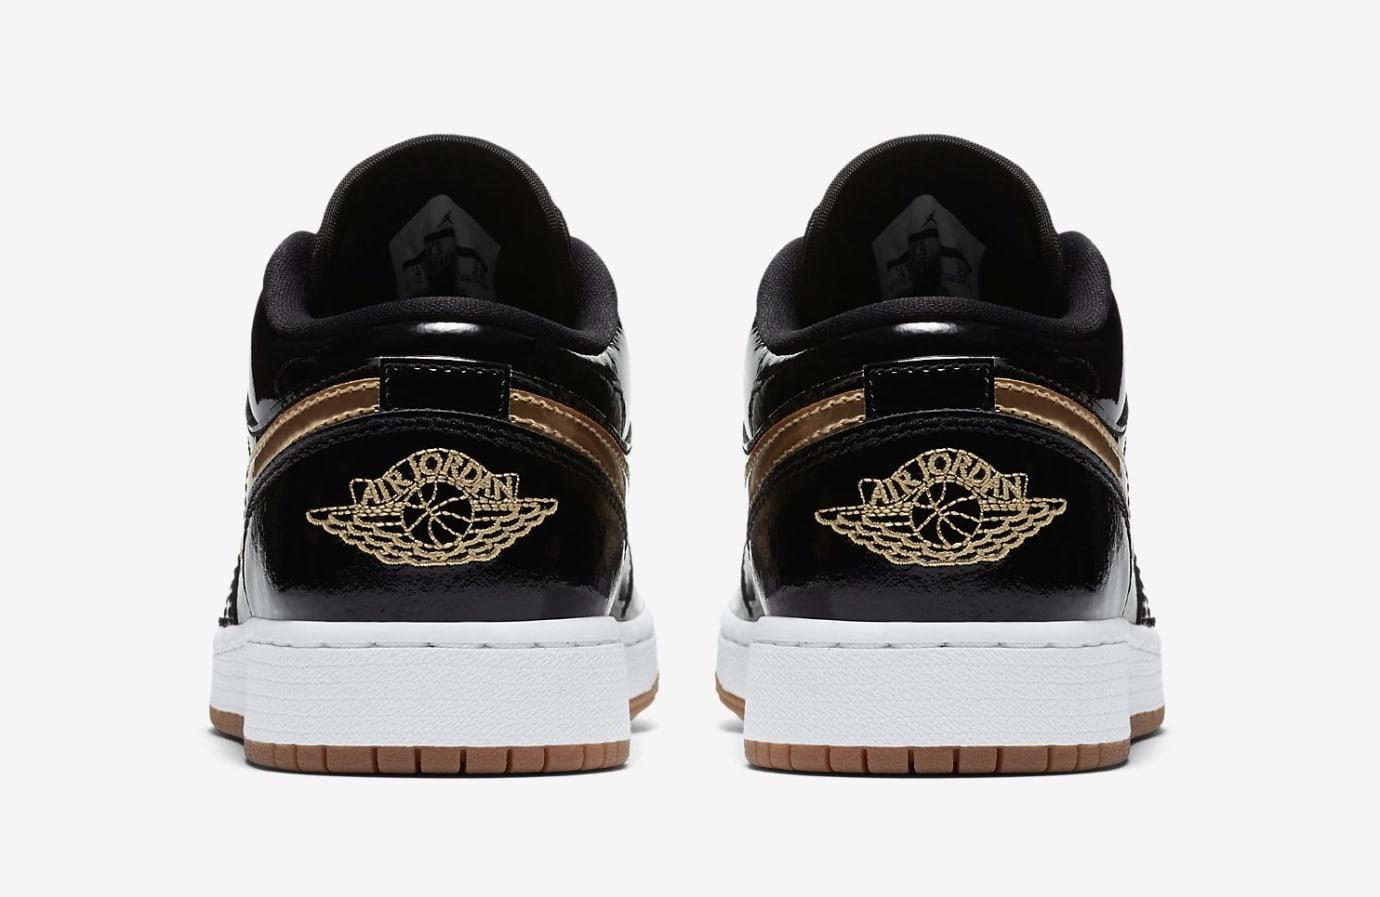 Air Jordan 1 Low GG Black/Metallic Gold-White-Gum 554723-032 (Heel)